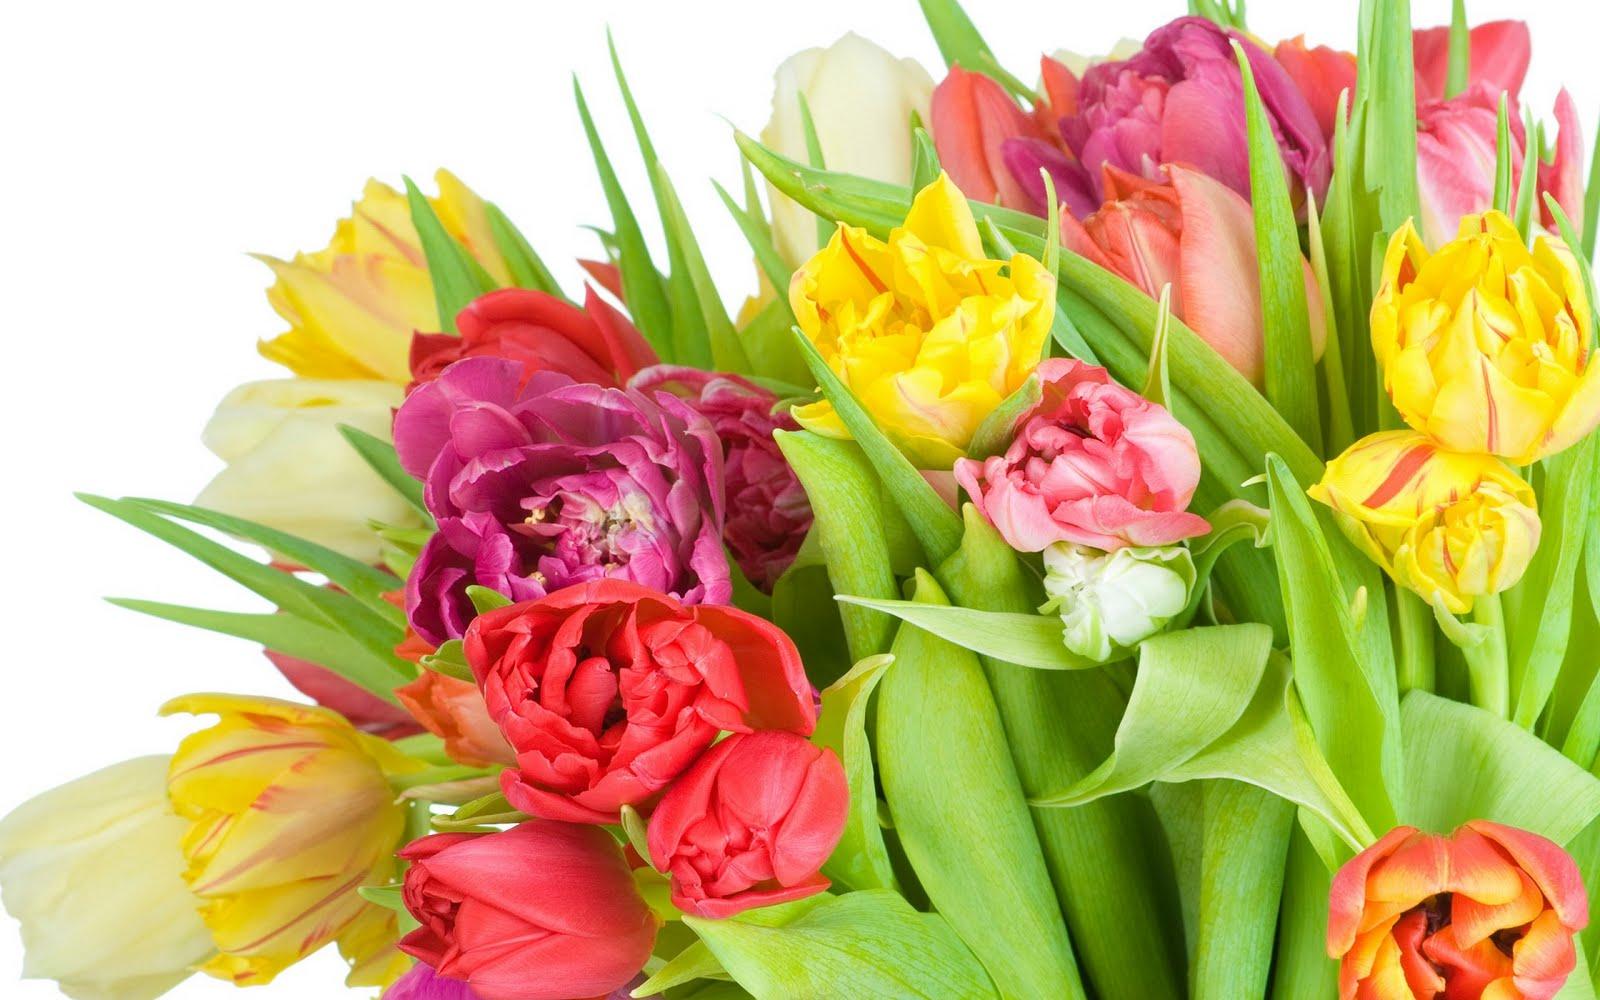 http://2.bp.blogspot.com/-i29PH_yiFt0/TcWM4aQdvLI/AAAAAAAAKqQ/qEmfslMTIqI/s1600/tulip-flowers_2560x1600_79956.jpg